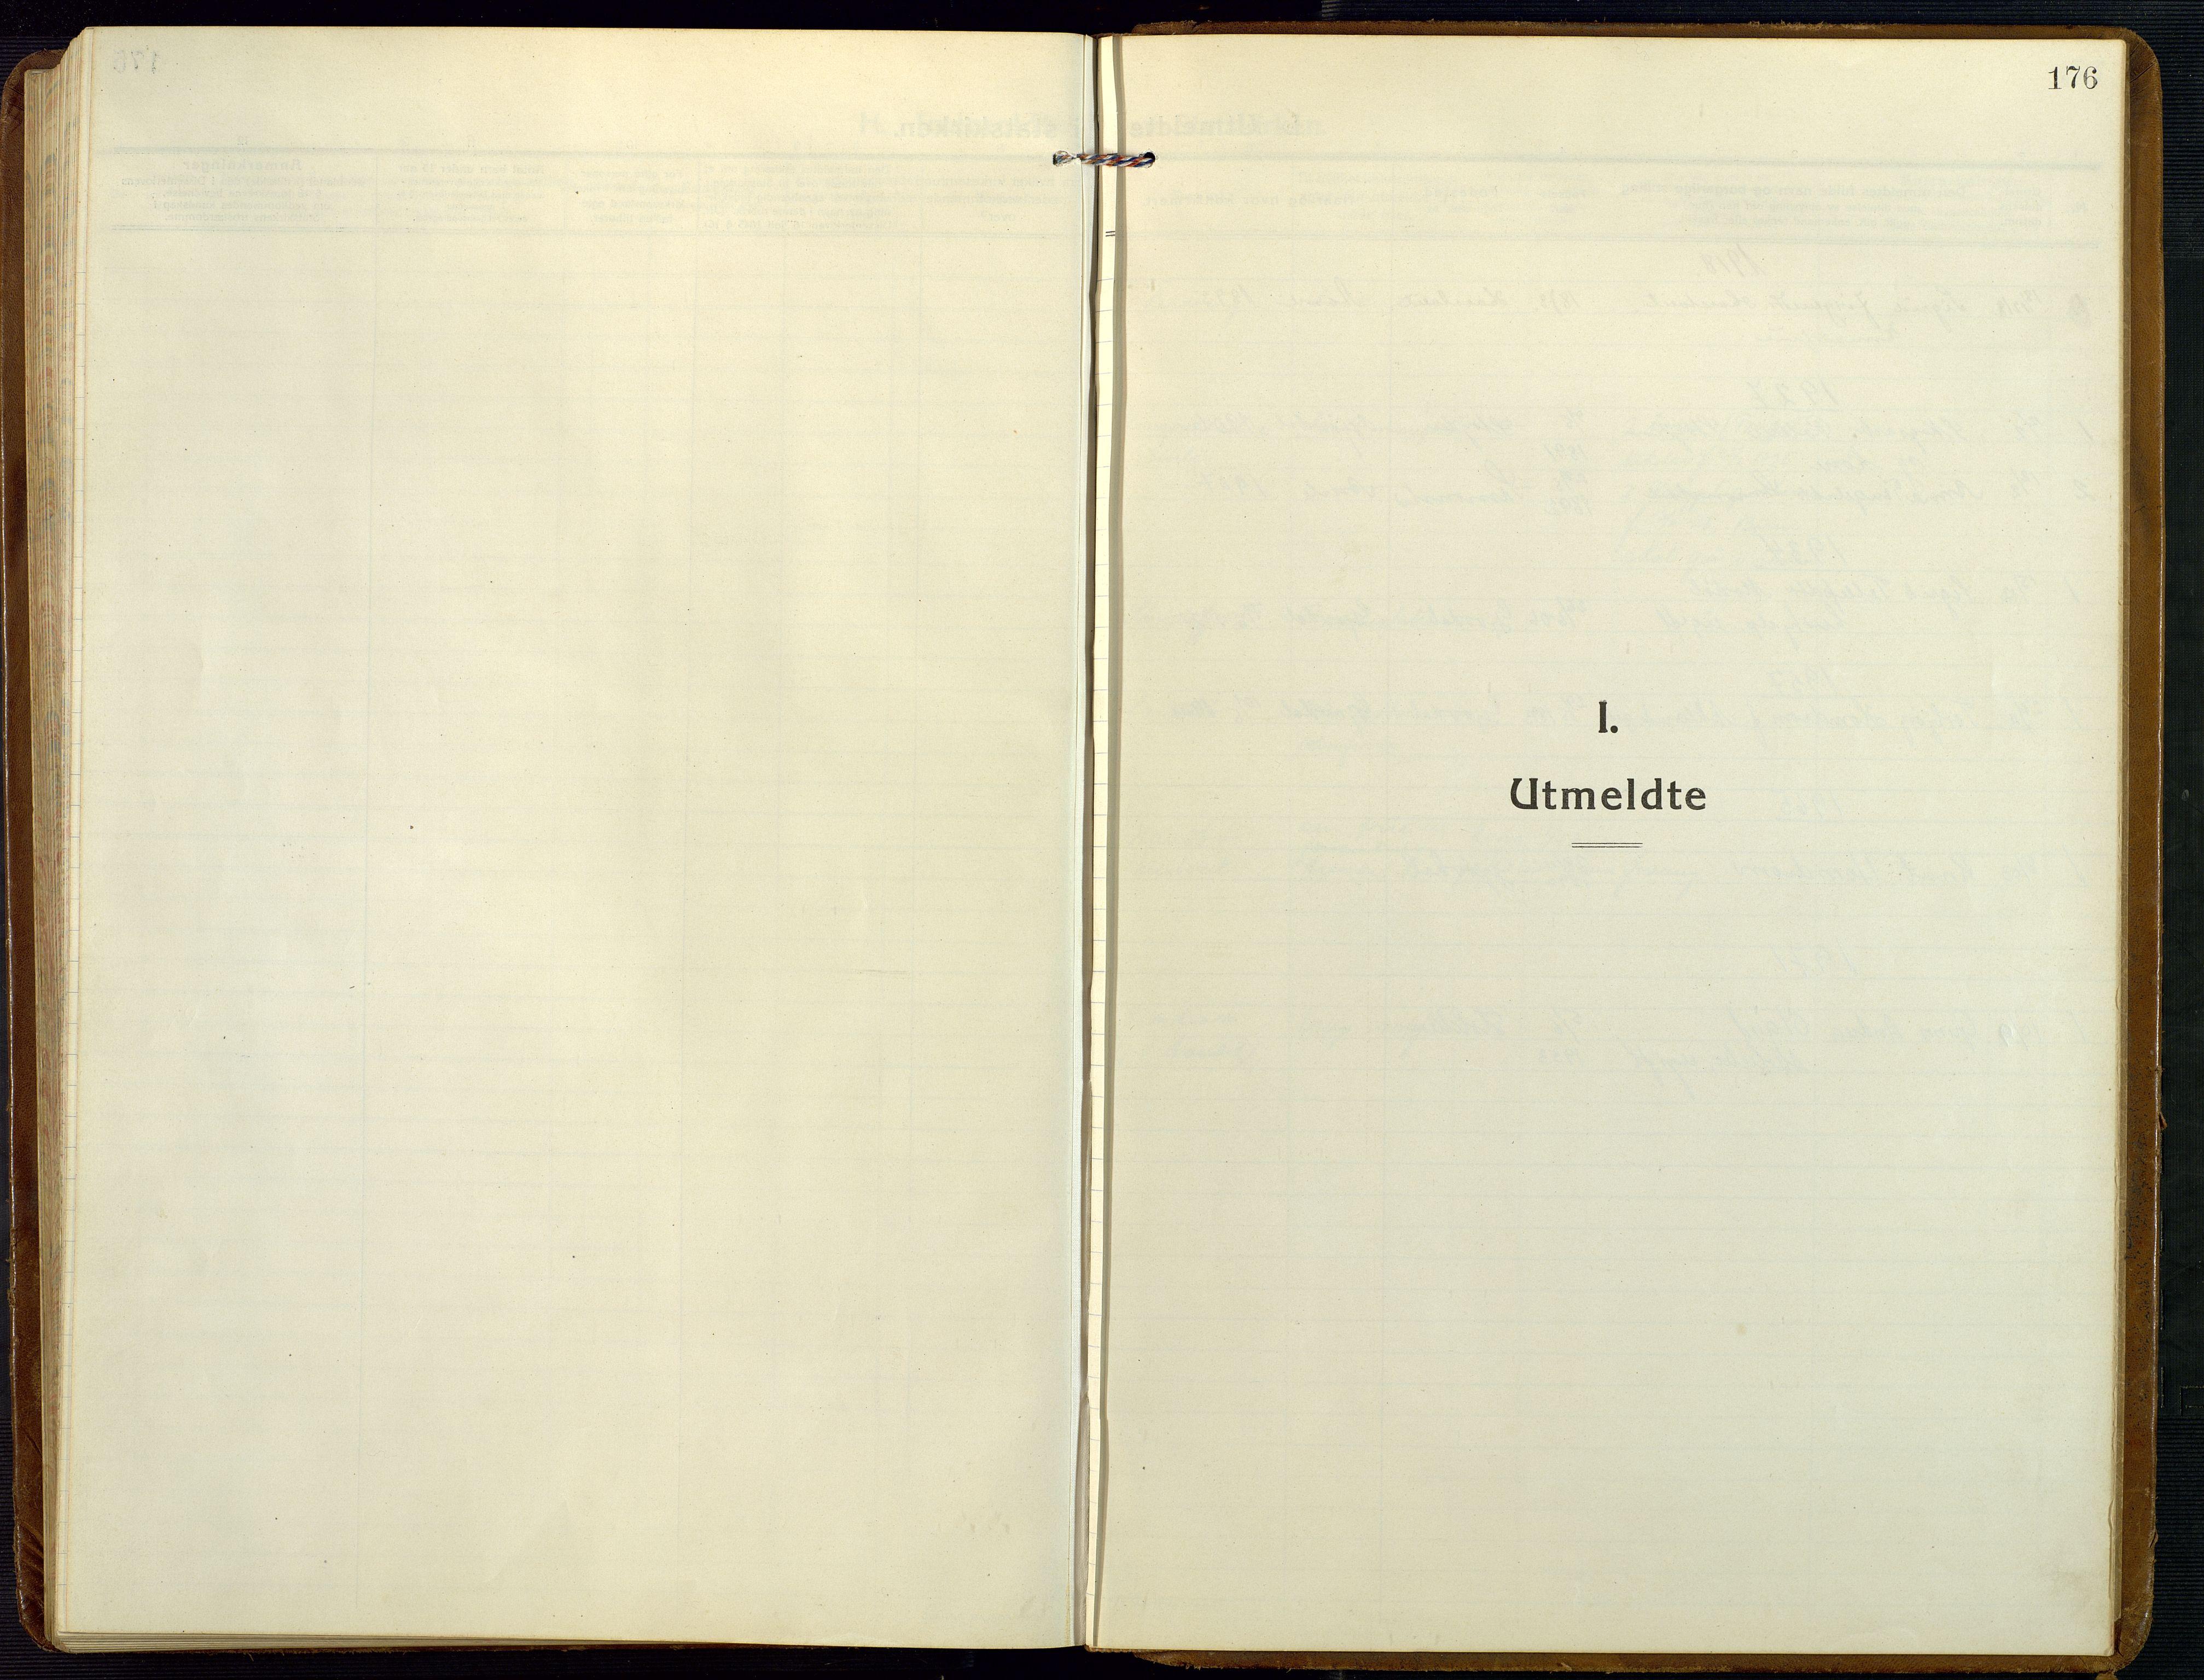 SAK, Åmli sokneprestkontor, F/Fb/Fba/L0003: Klokkerbok nr. B 3, 1912-1974, s. 176